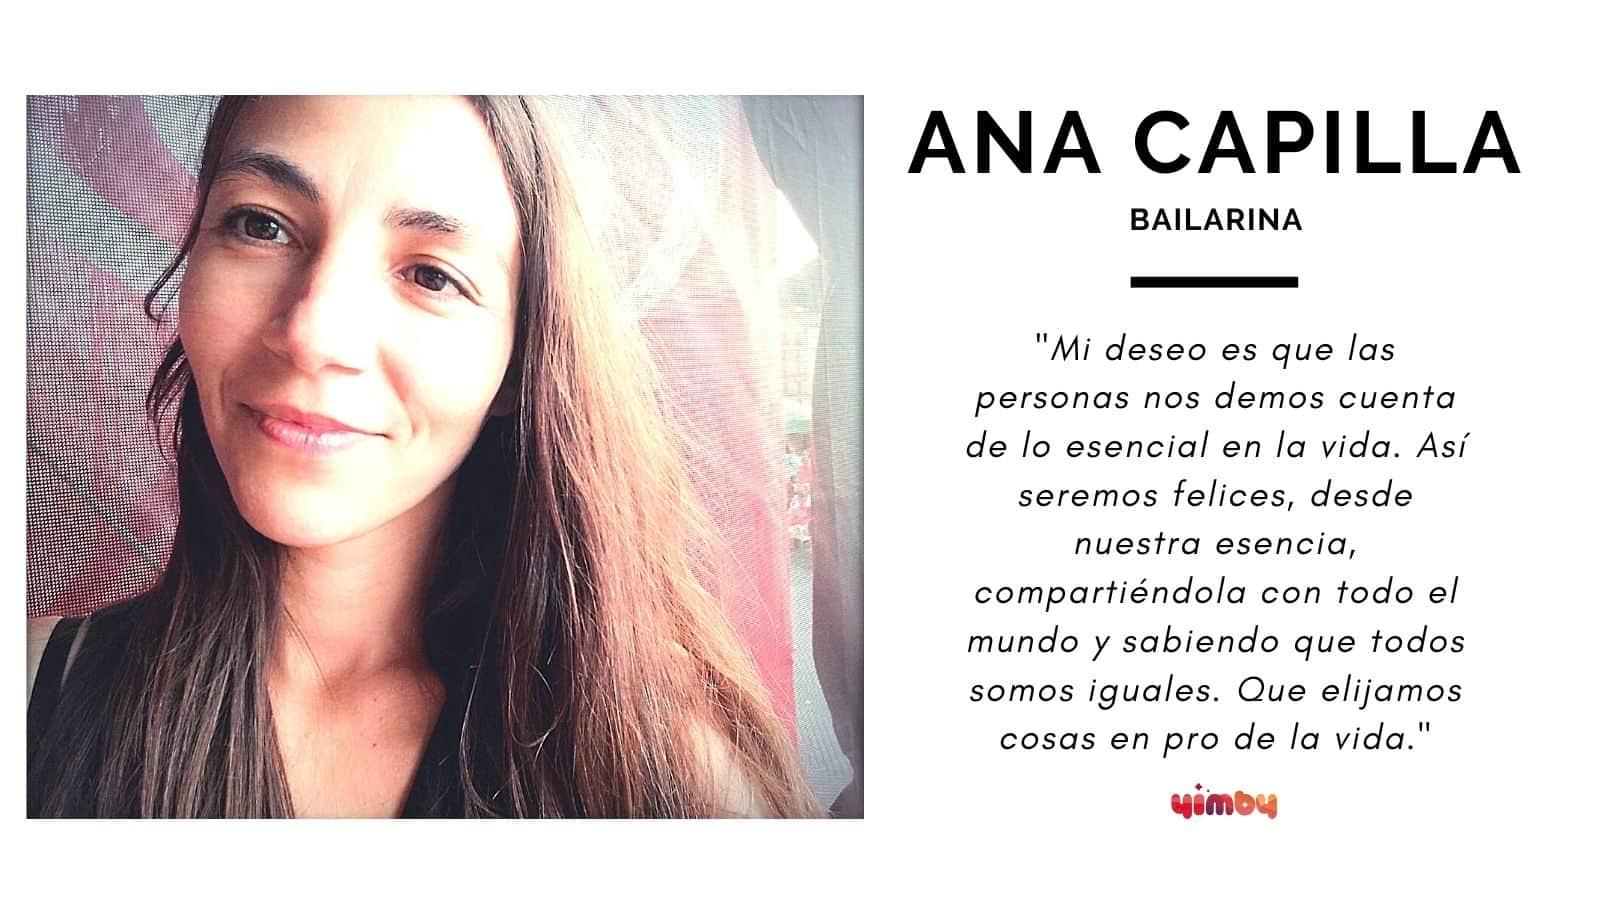 Entrevista a la bailarina Ana Capilla